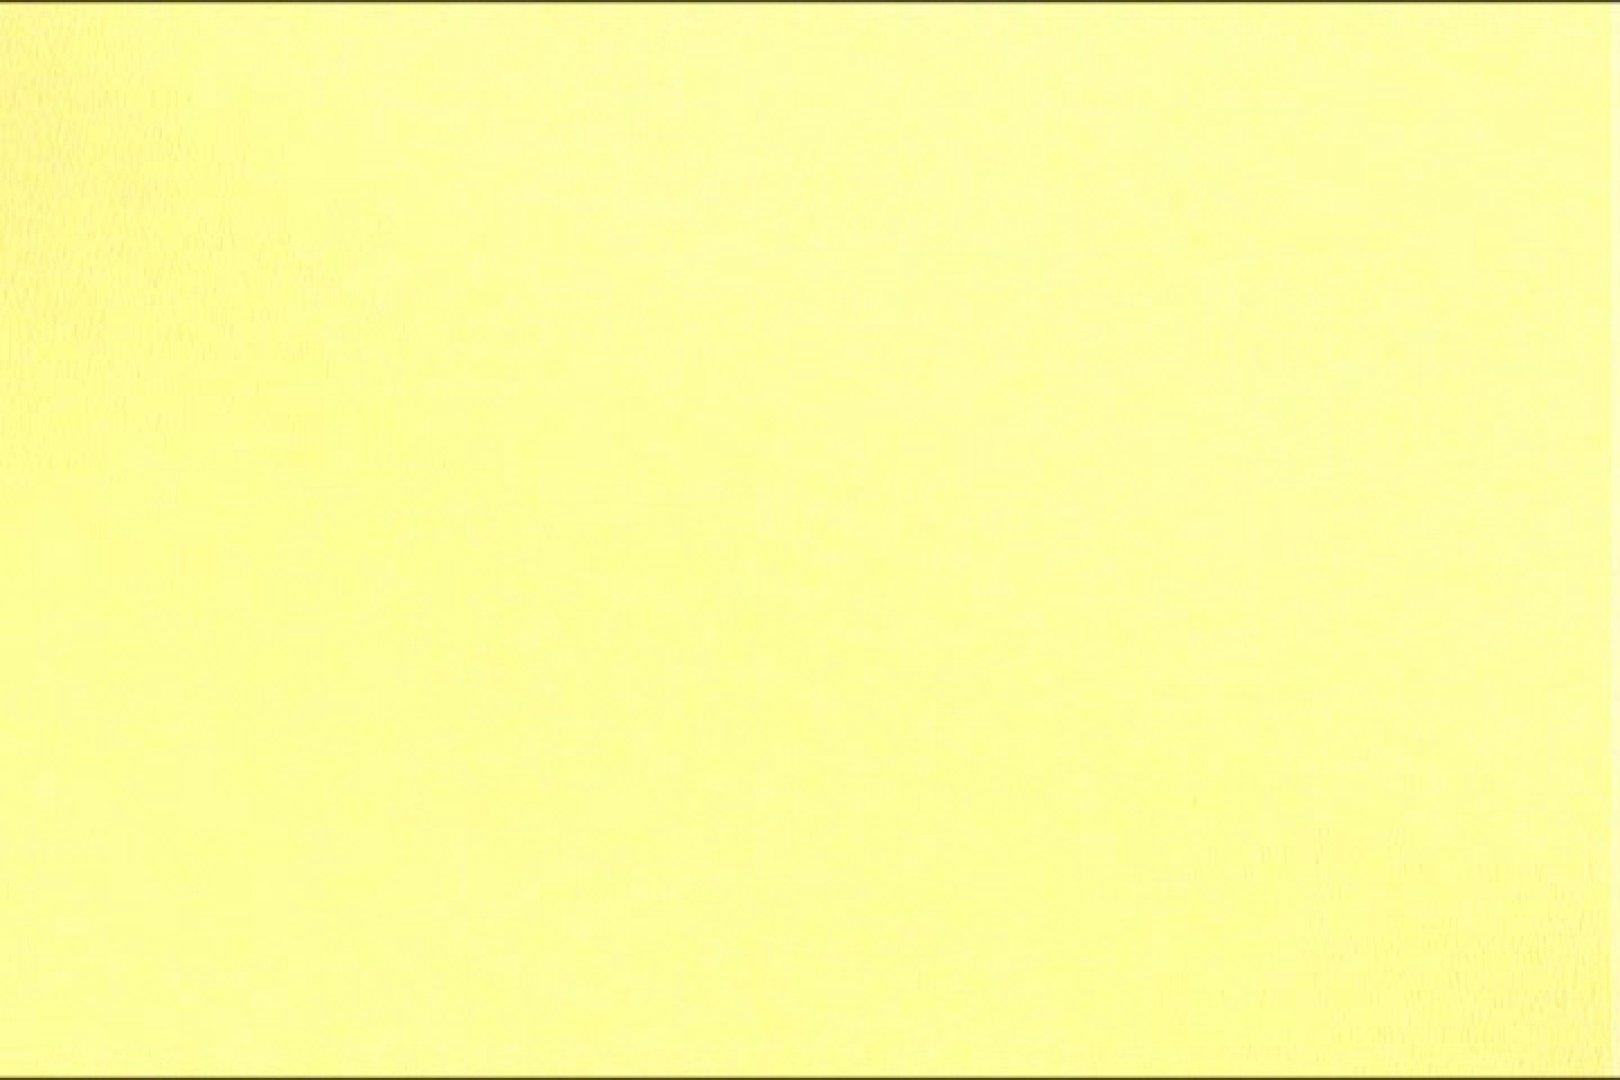 マンコ丸見え女子洗面所Vol.4 おまんこ丸出し AV無料動画キャプチャ 45連発 9